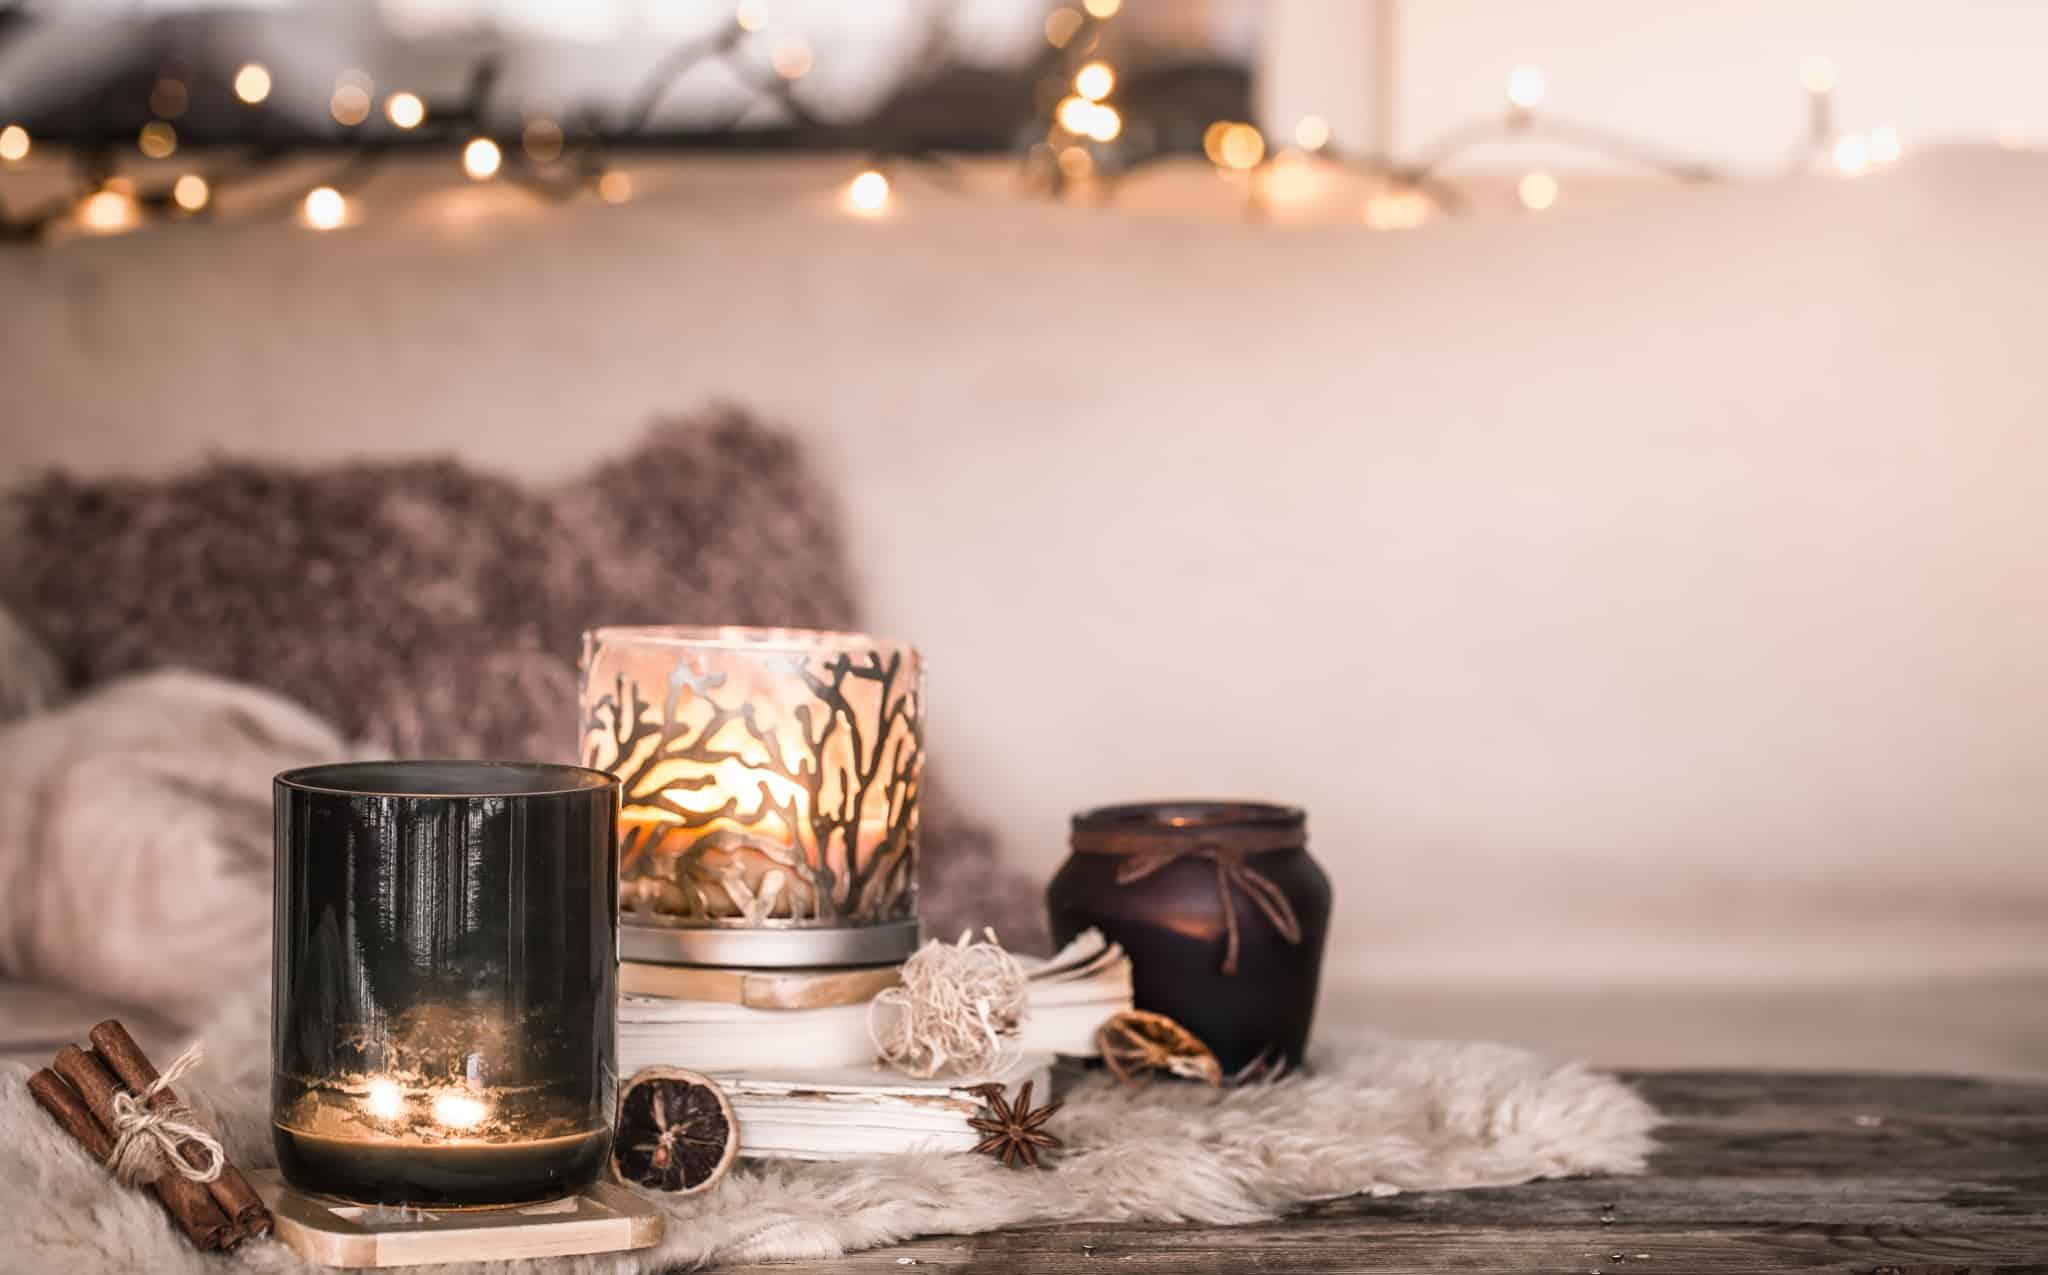 Bougie Décoration De Table meilleures bougies de décoration d'intérieur - auget